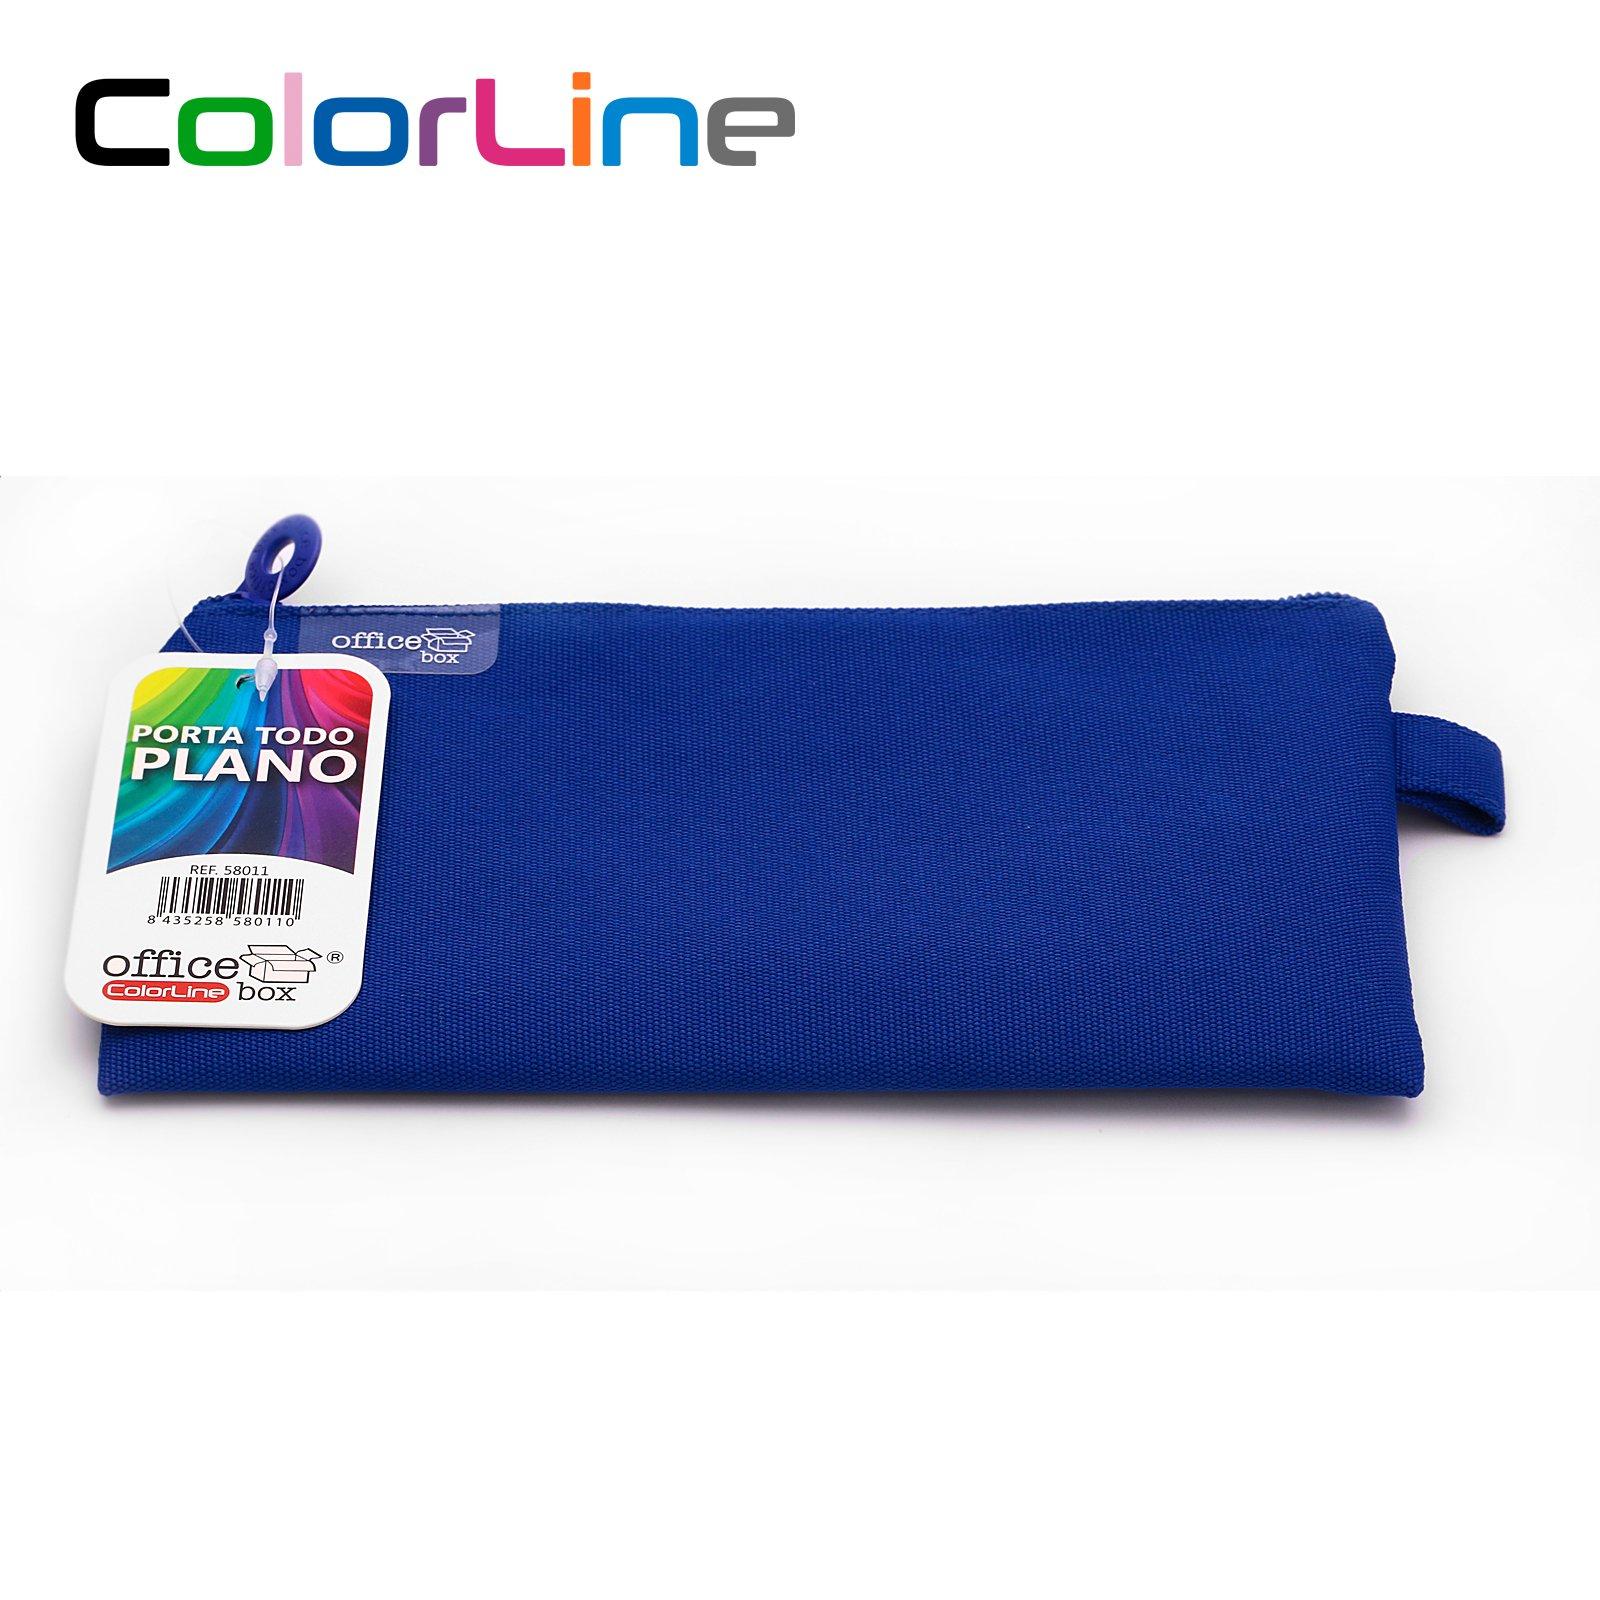 Colorline 58011 - Portatodo Plano Rectangular, Estuche Multiuso para Viaje, Material Escolar, Neceser y Accesorios. Color Fucsia, Medidas 22 x 11 cm: Amazon.es: Oficina y papelería